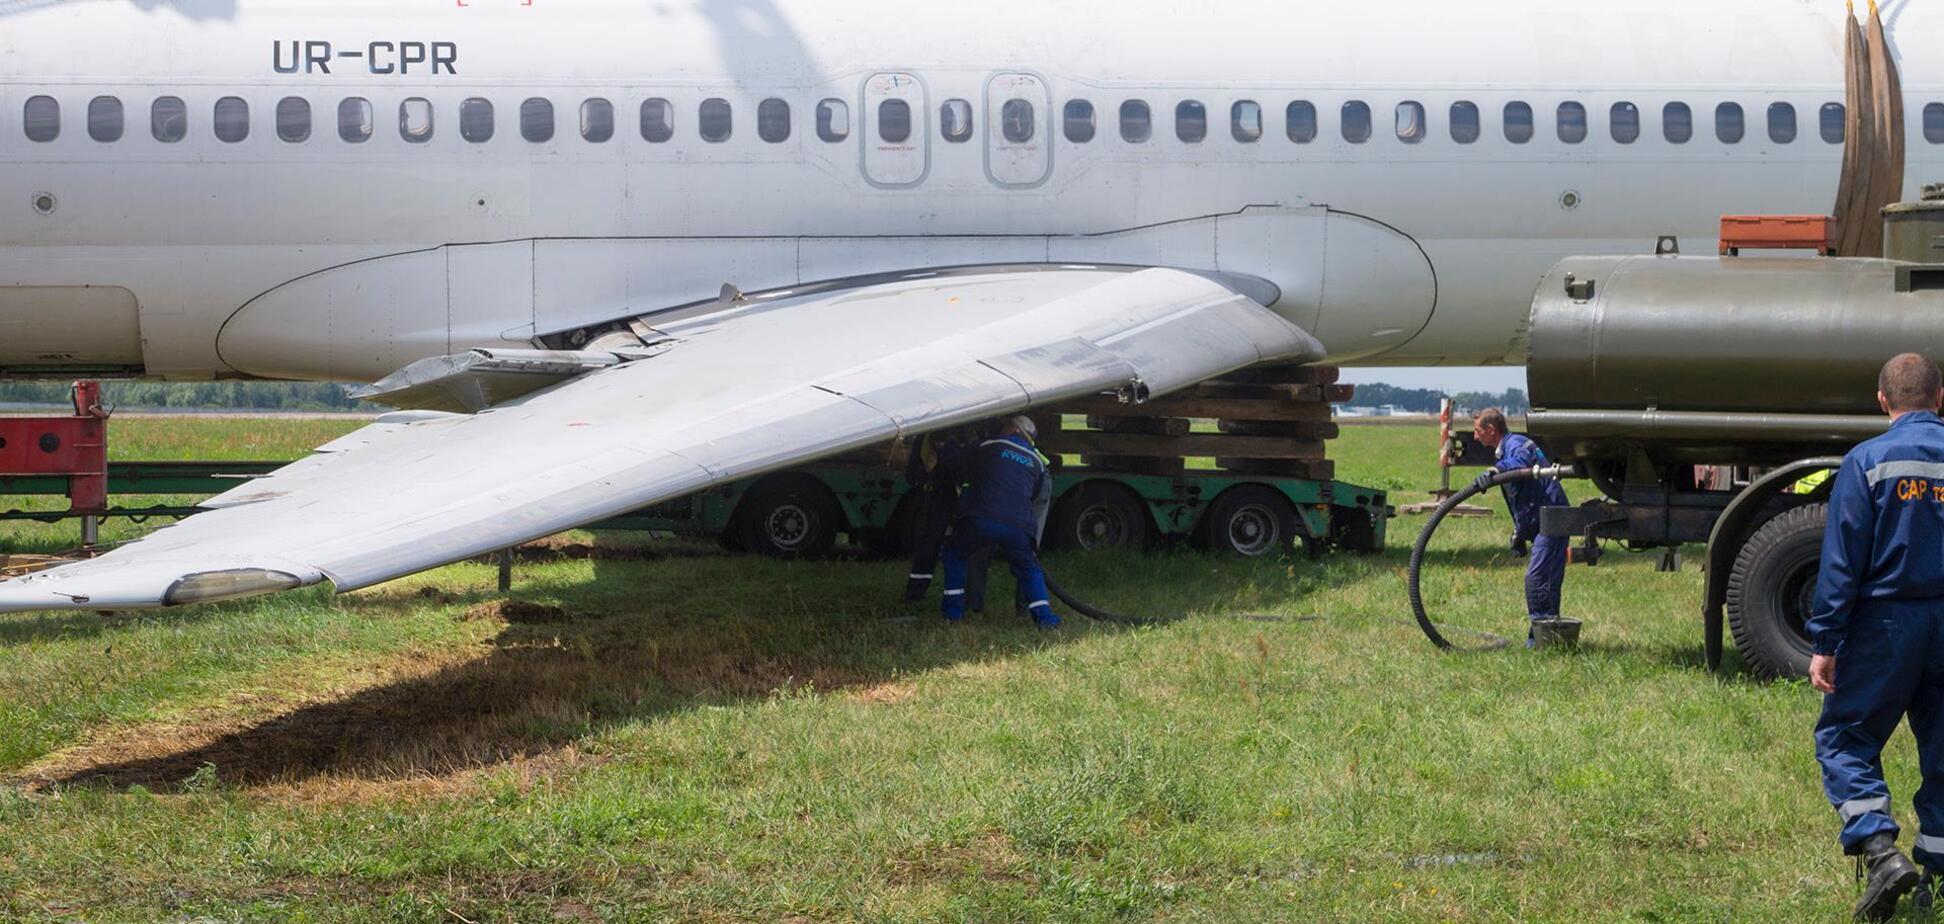 Едва не разбился при посадке: в 'Жулянах' показали, что сделали с 27-летним горе-самолетом